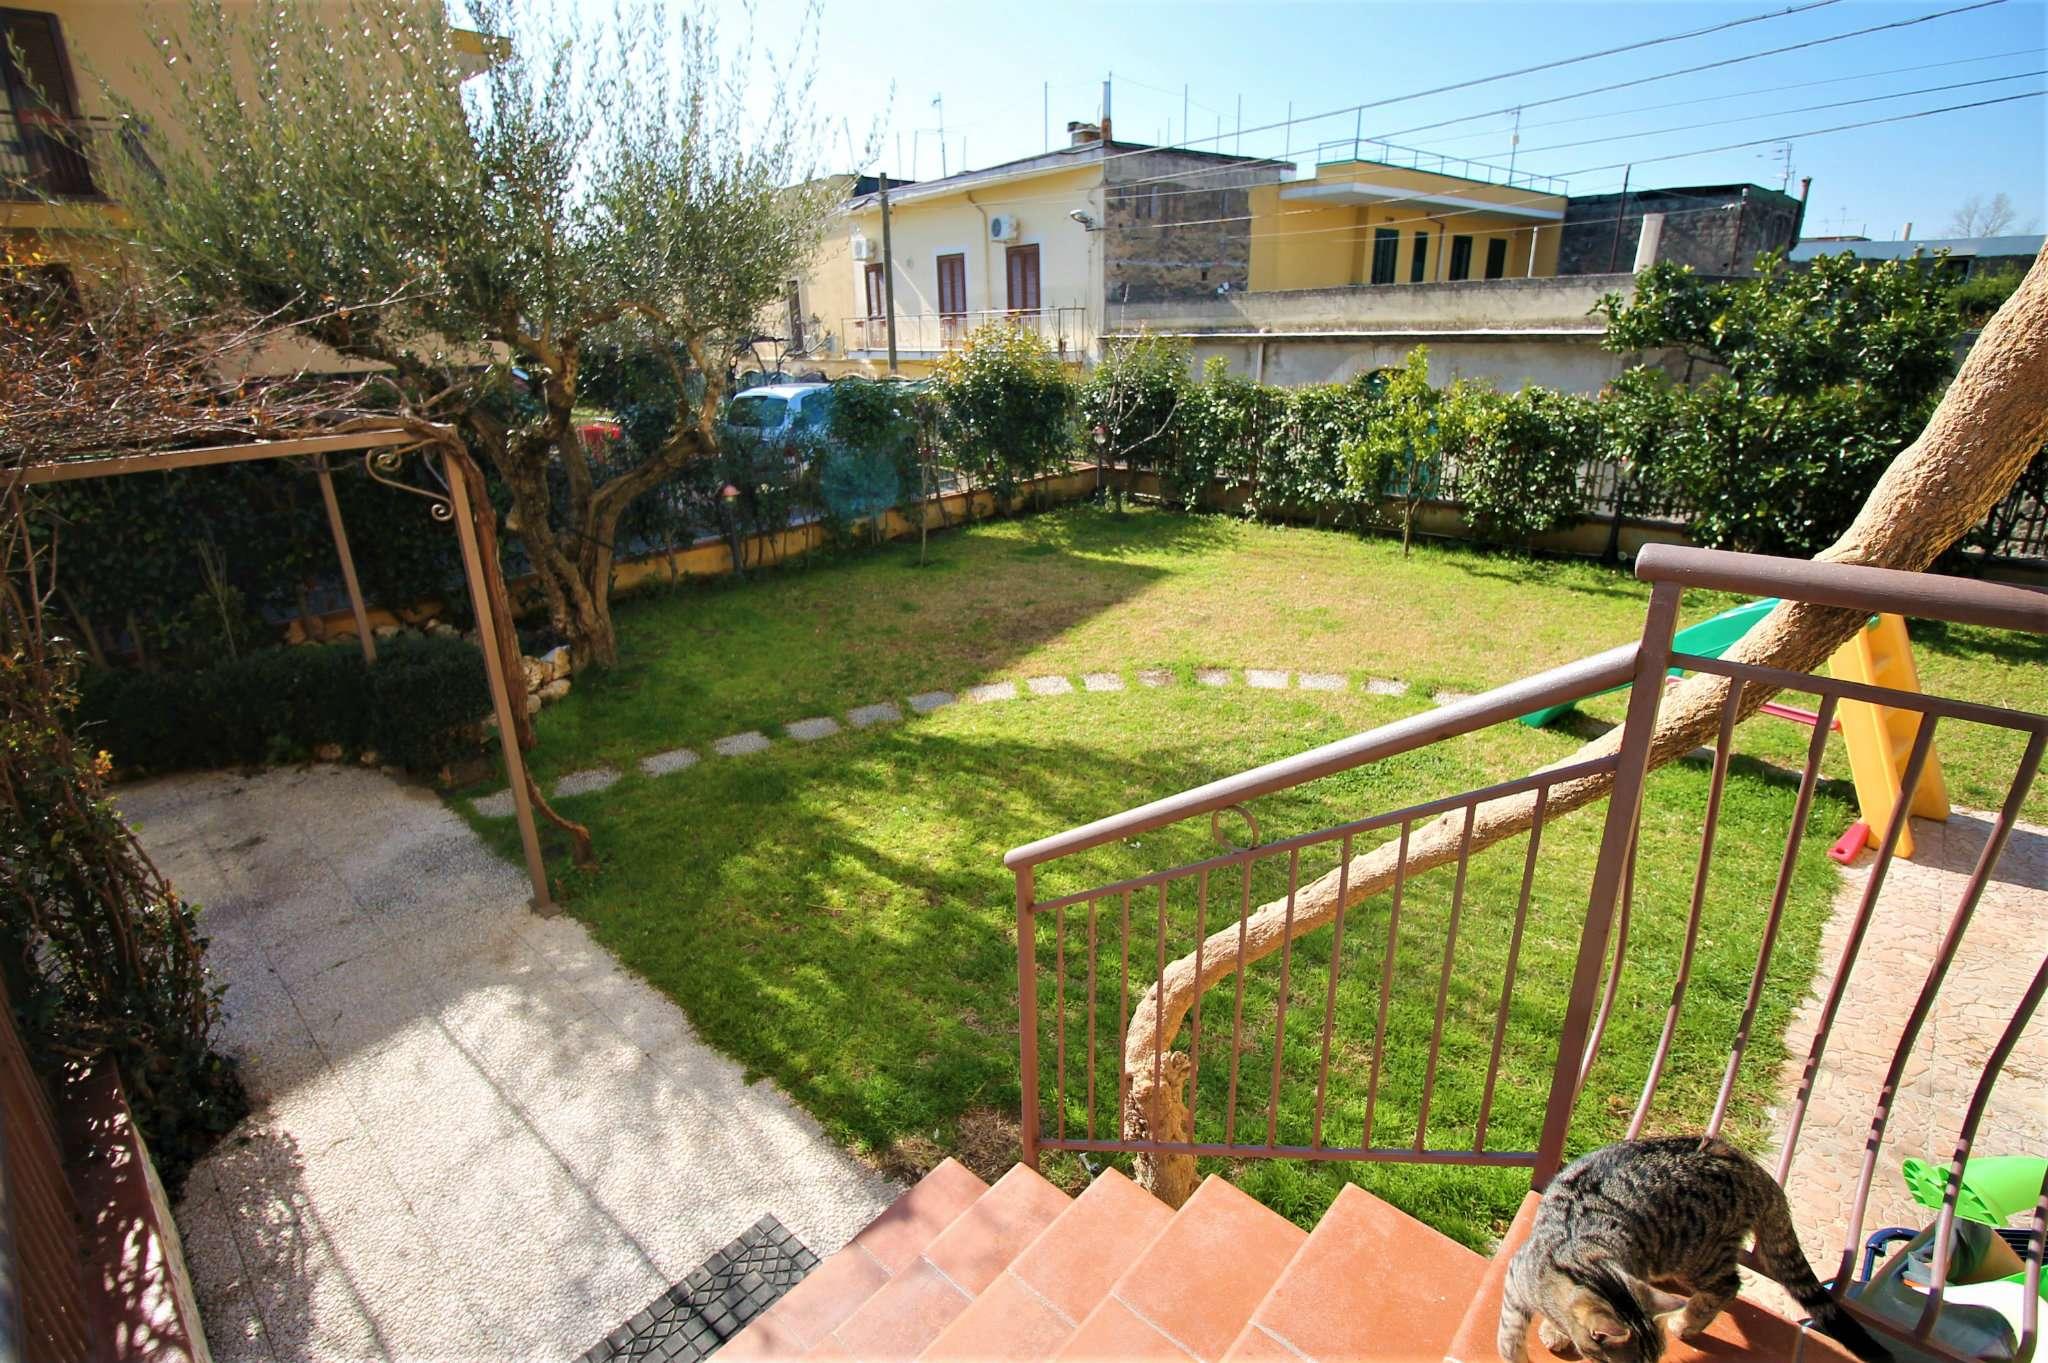 Villa in vendita a Tufino, 5 locali, prezzo € 290.000 | CambioCasa.it